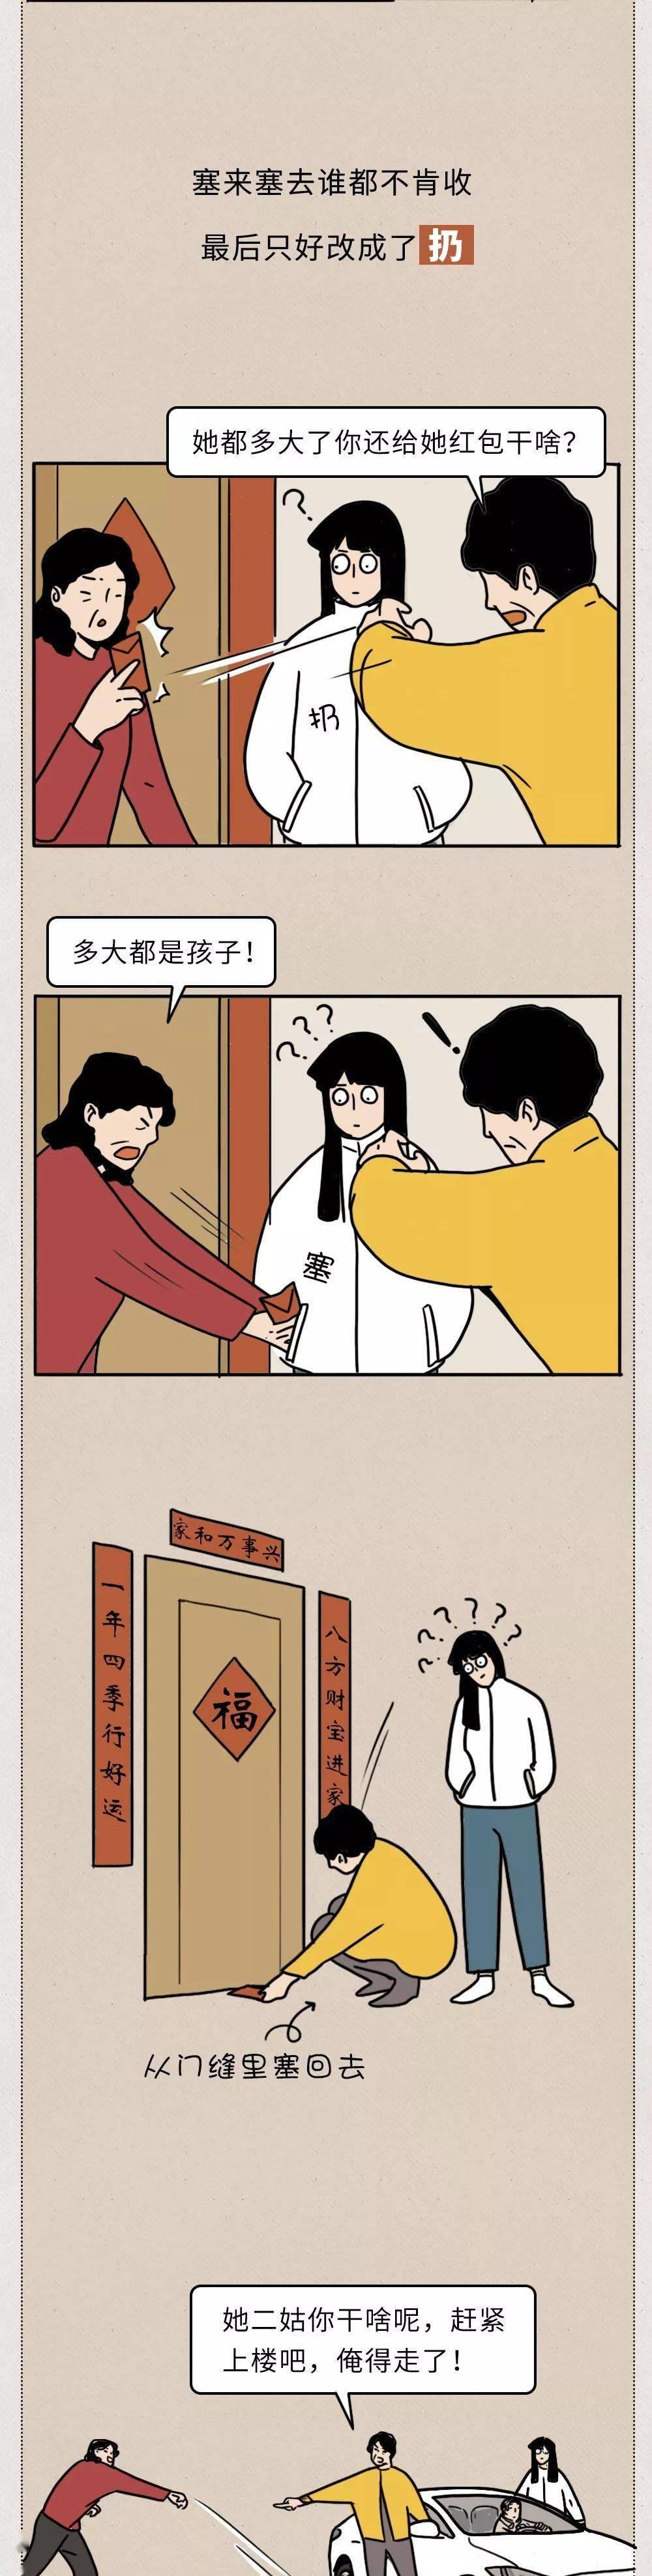 """""""二进宫""""的郭美美将遭遇哪些酷刑"""